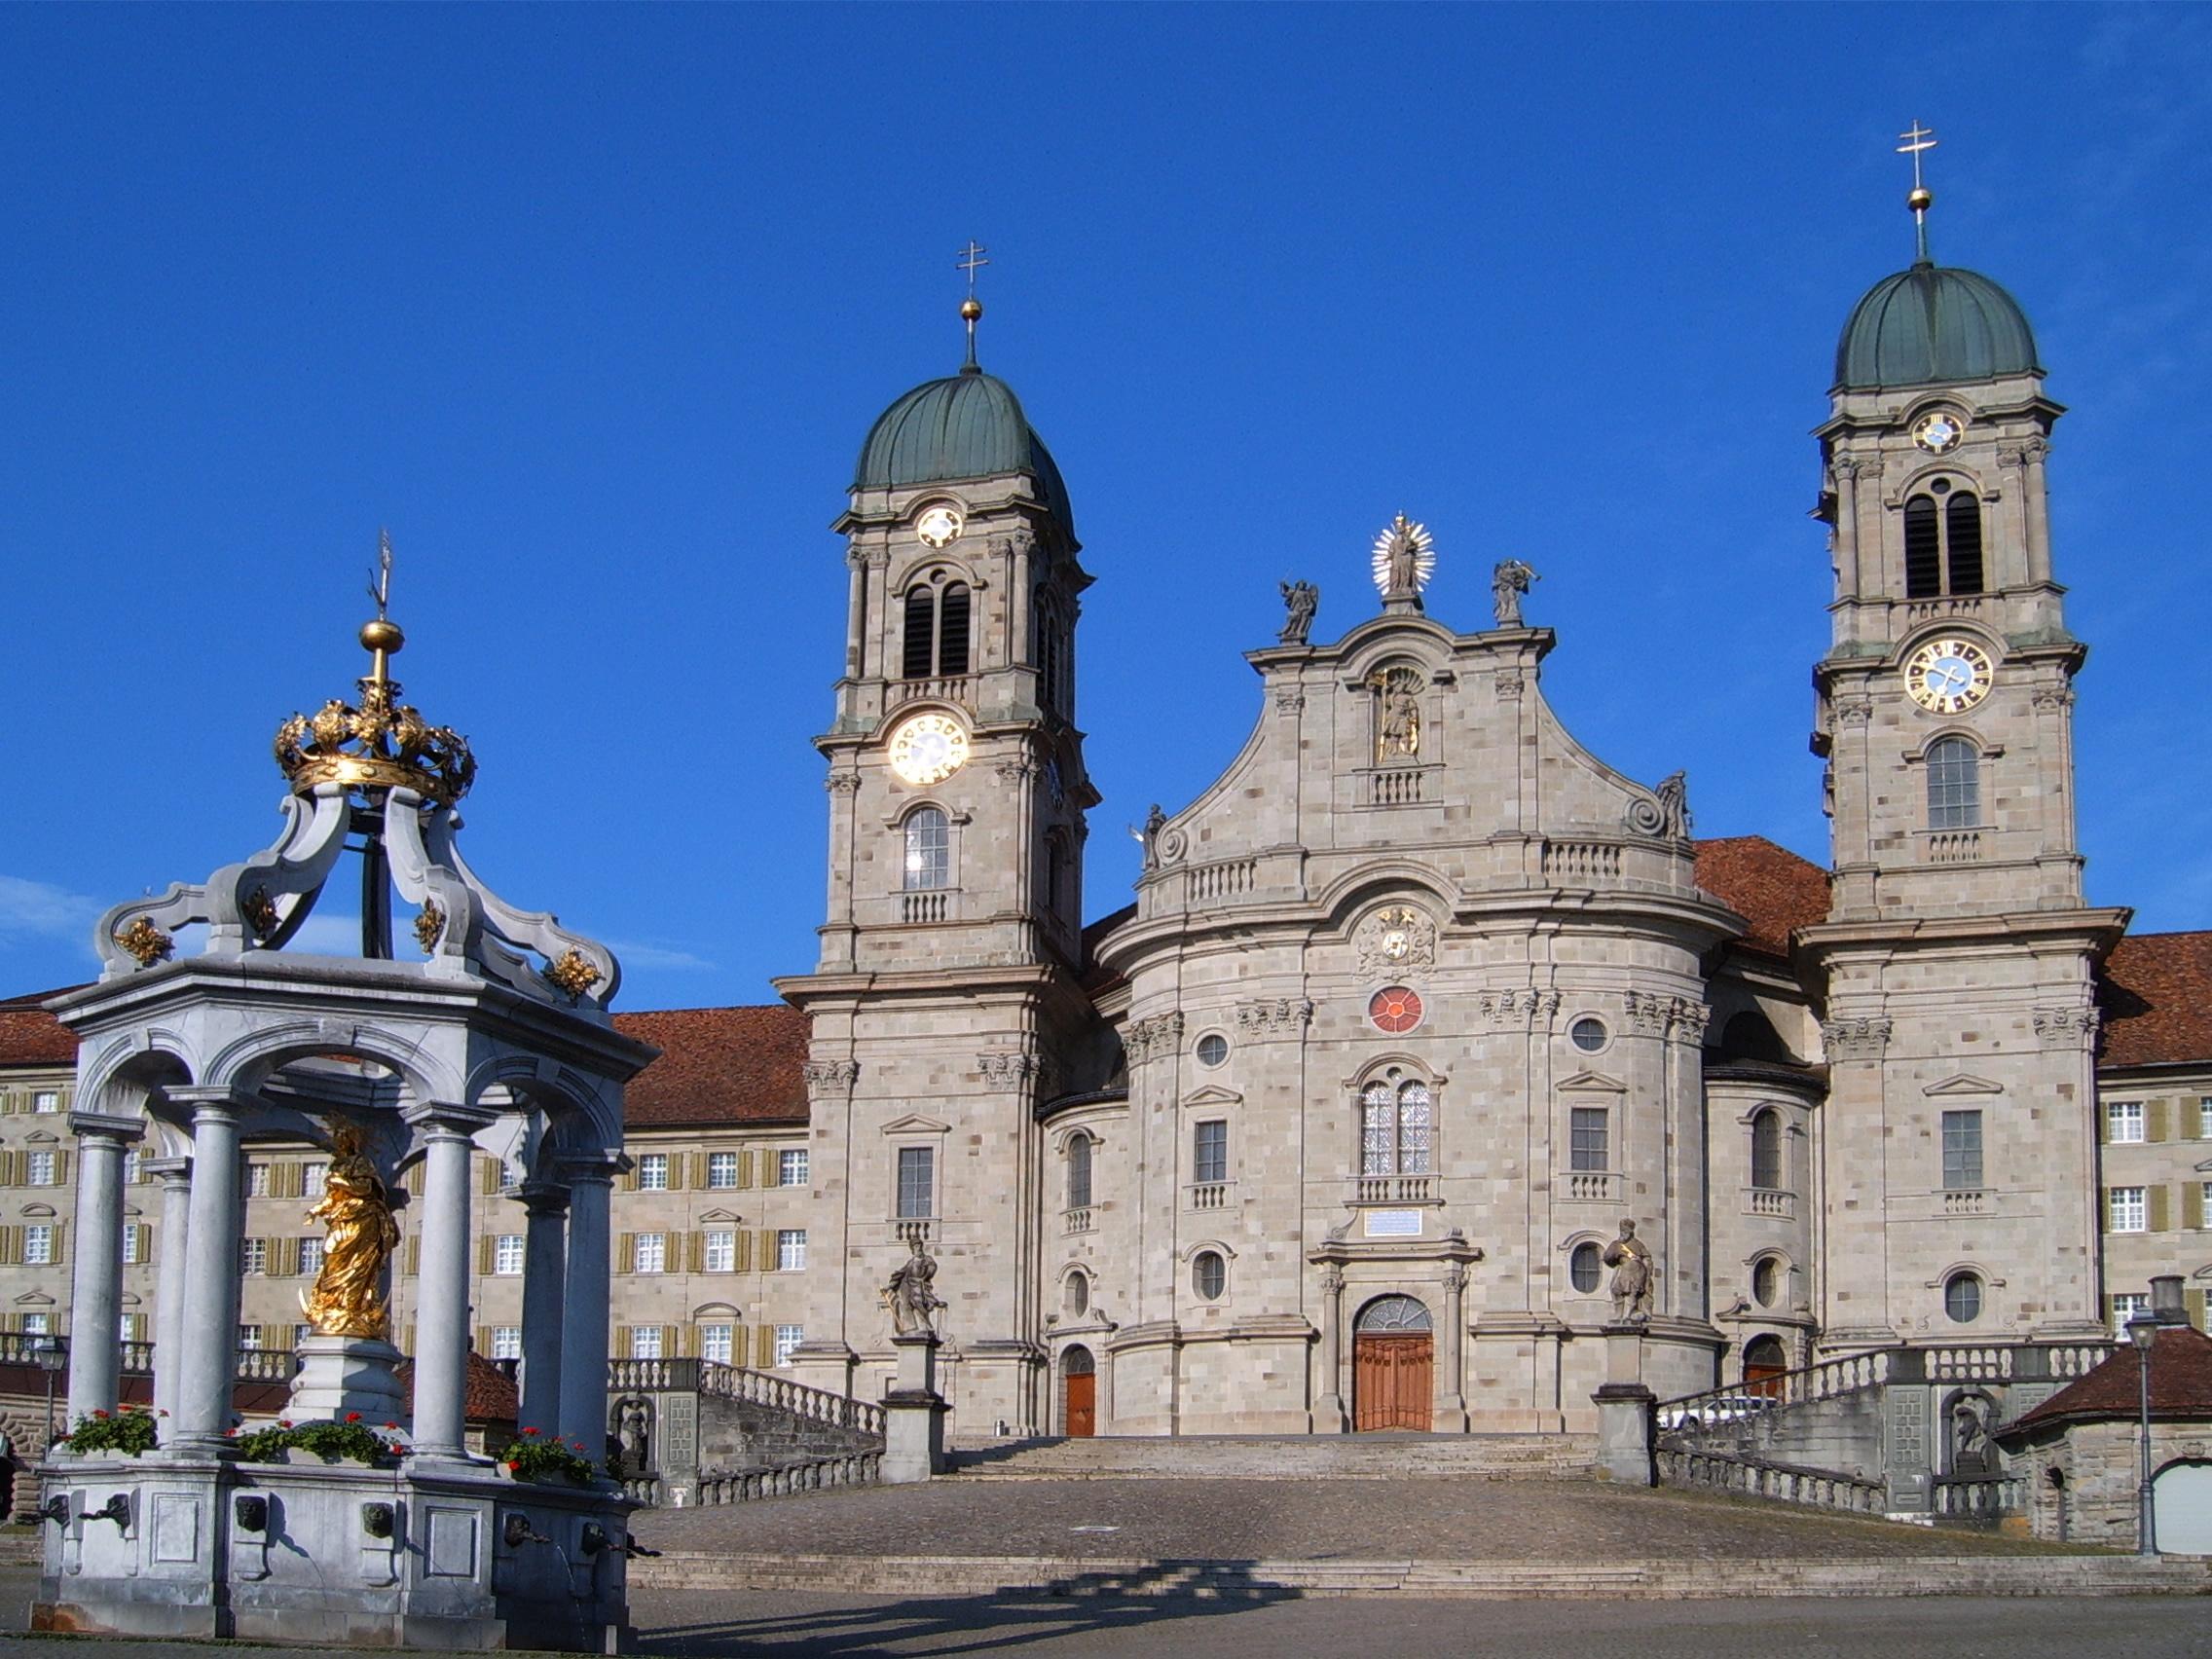 Die schwarze verdammte Kirche aus Metall